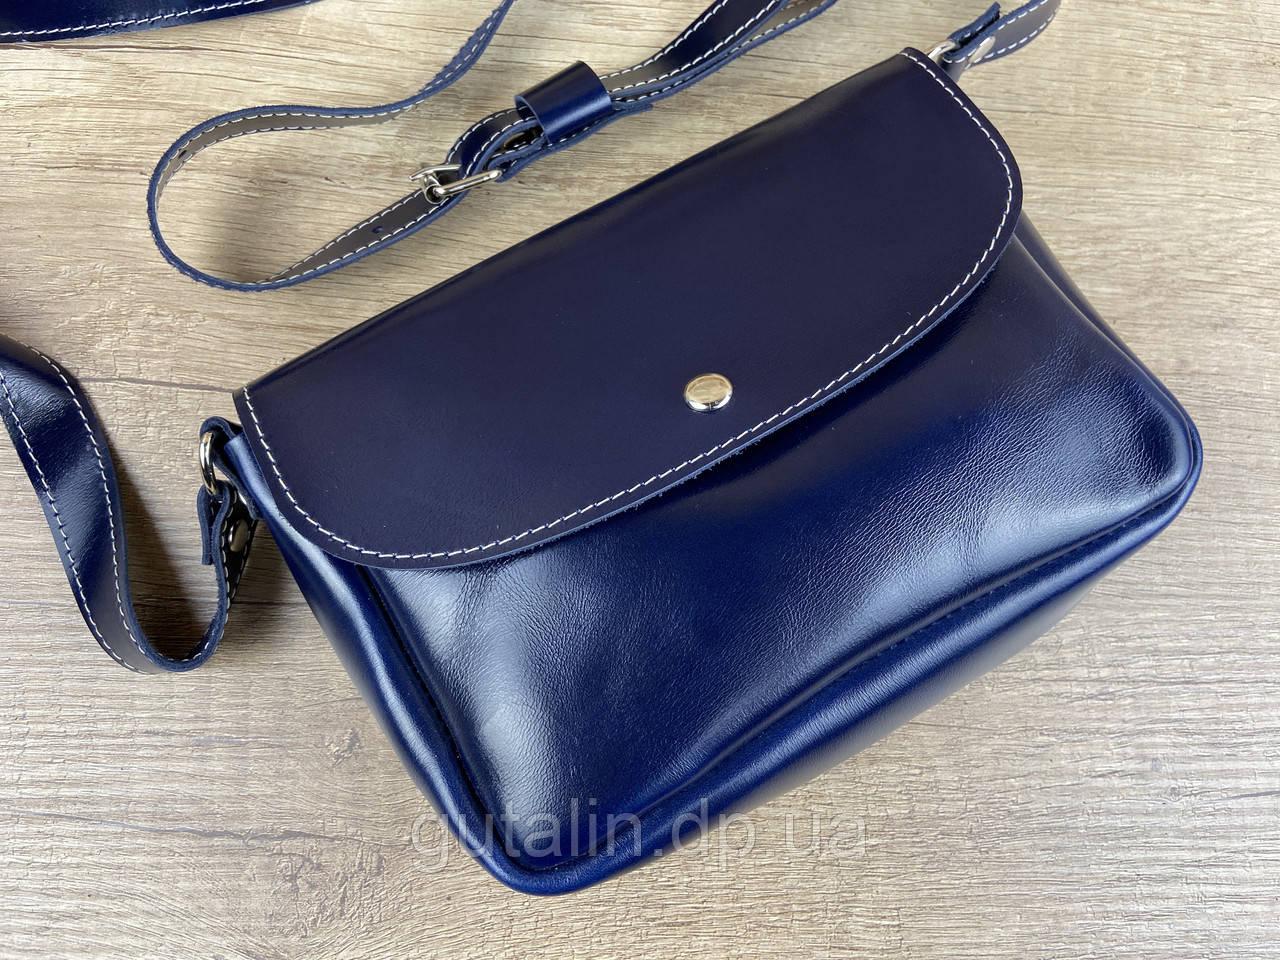 Женская сумка Mimi ручной работы из натуральной кожи на кнопке цвет темно синий